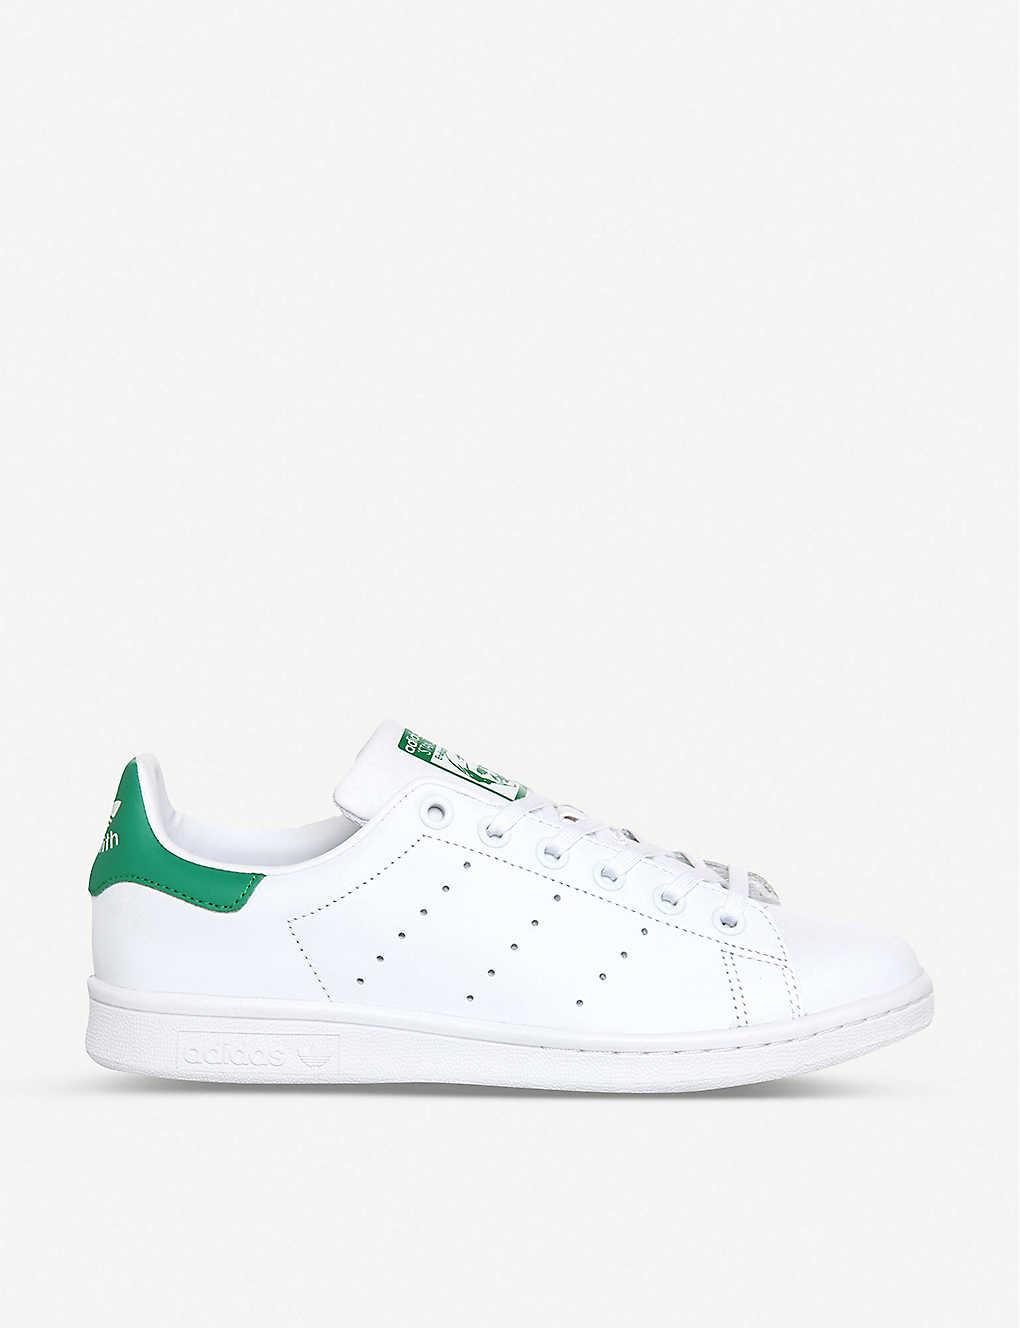 half off e3b96 38658 Stan Smith leather trainers - Core white green ...